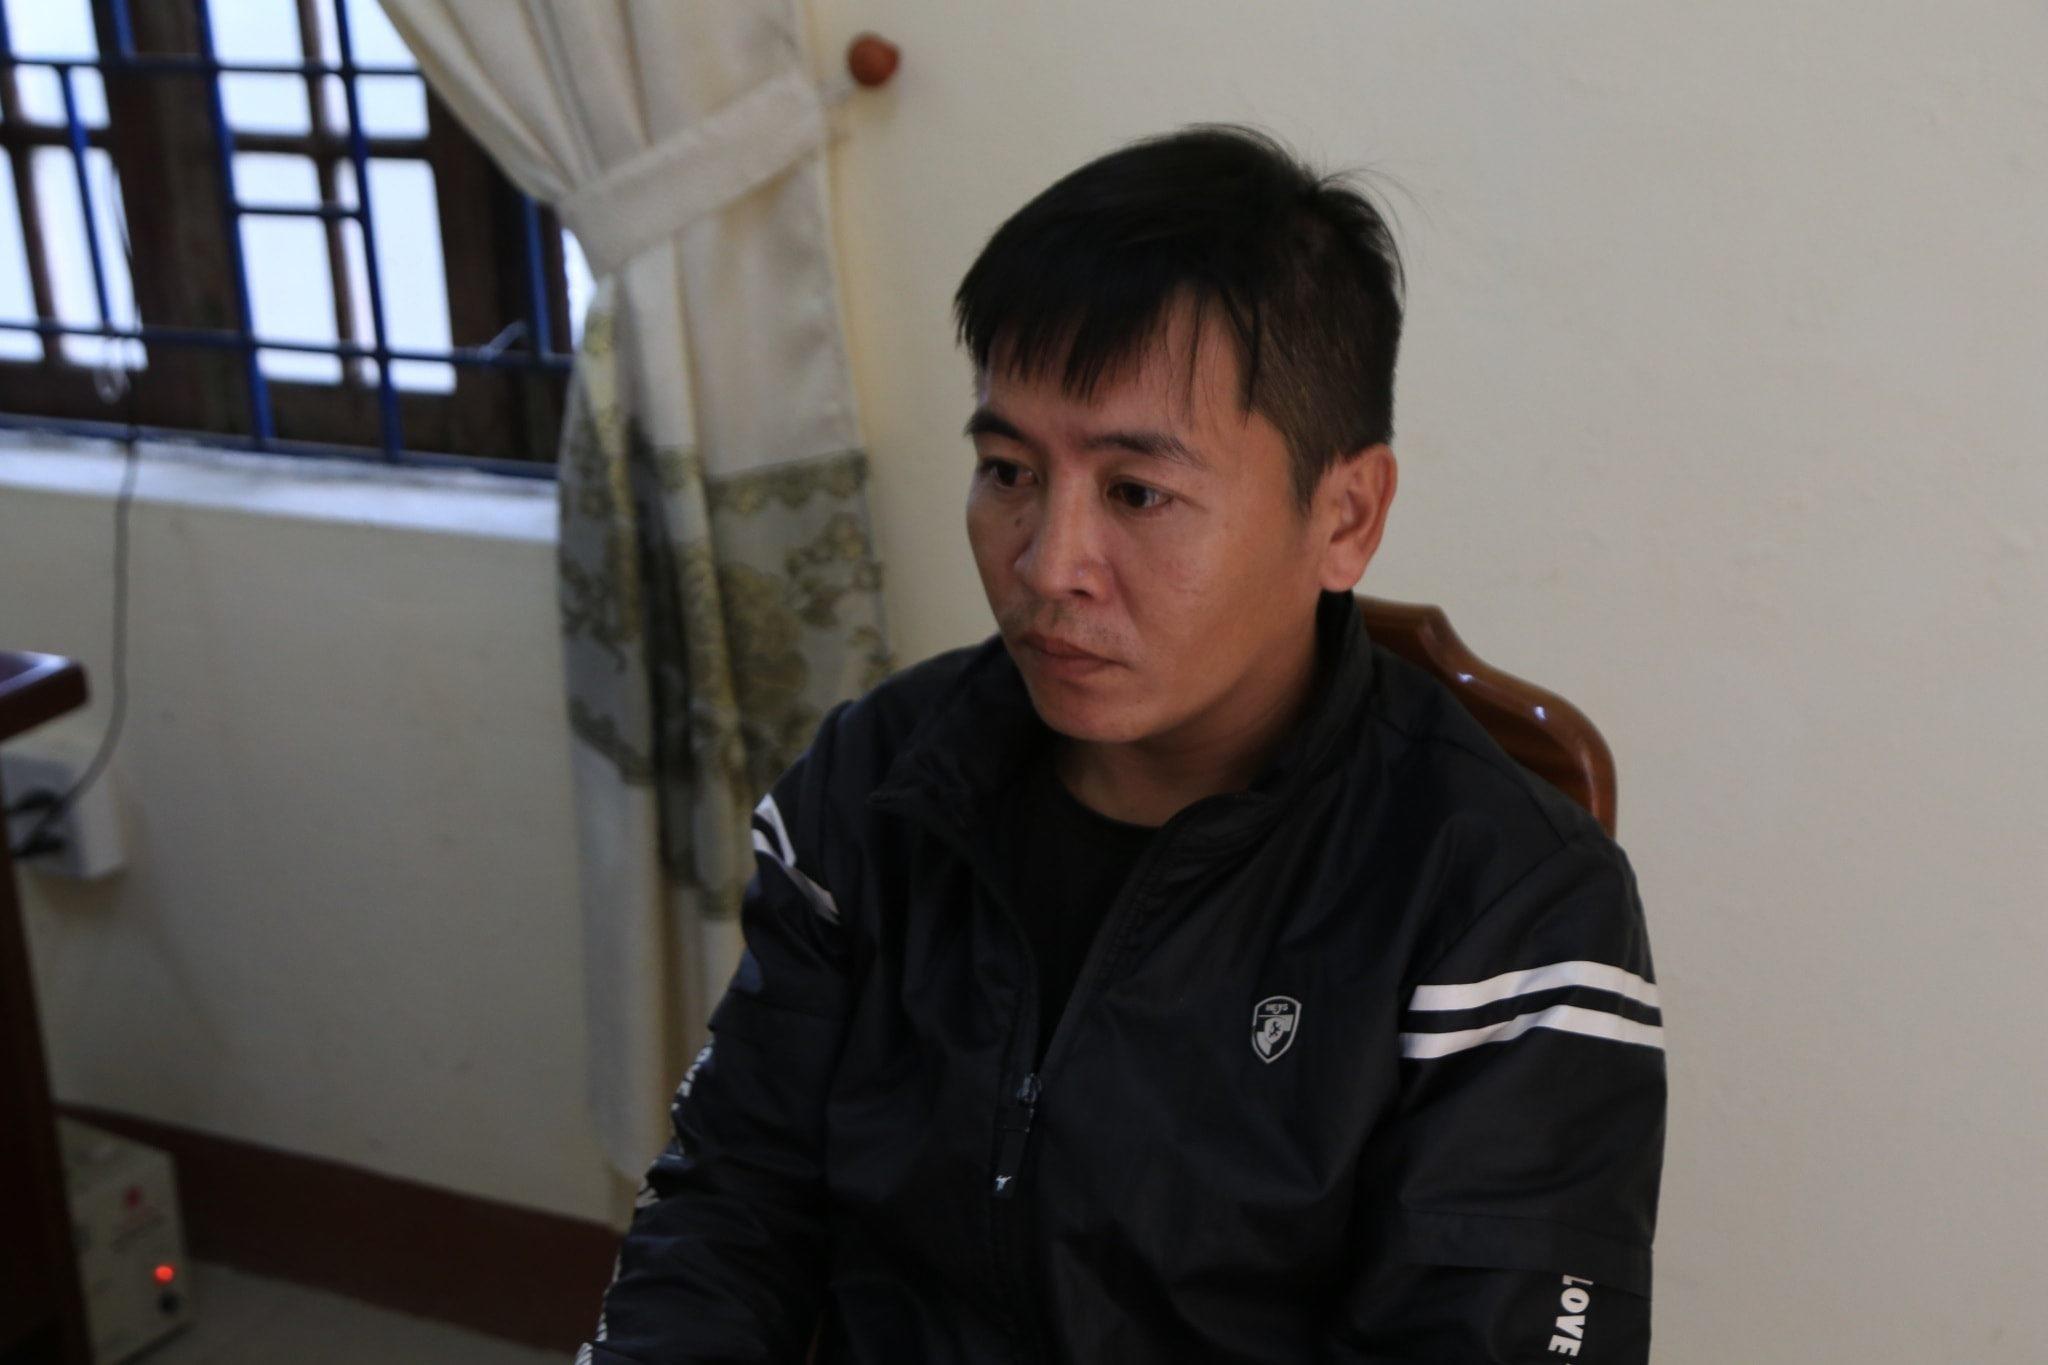 Đối tượng Lê Công, Ảnh: Phóng viên Huế.